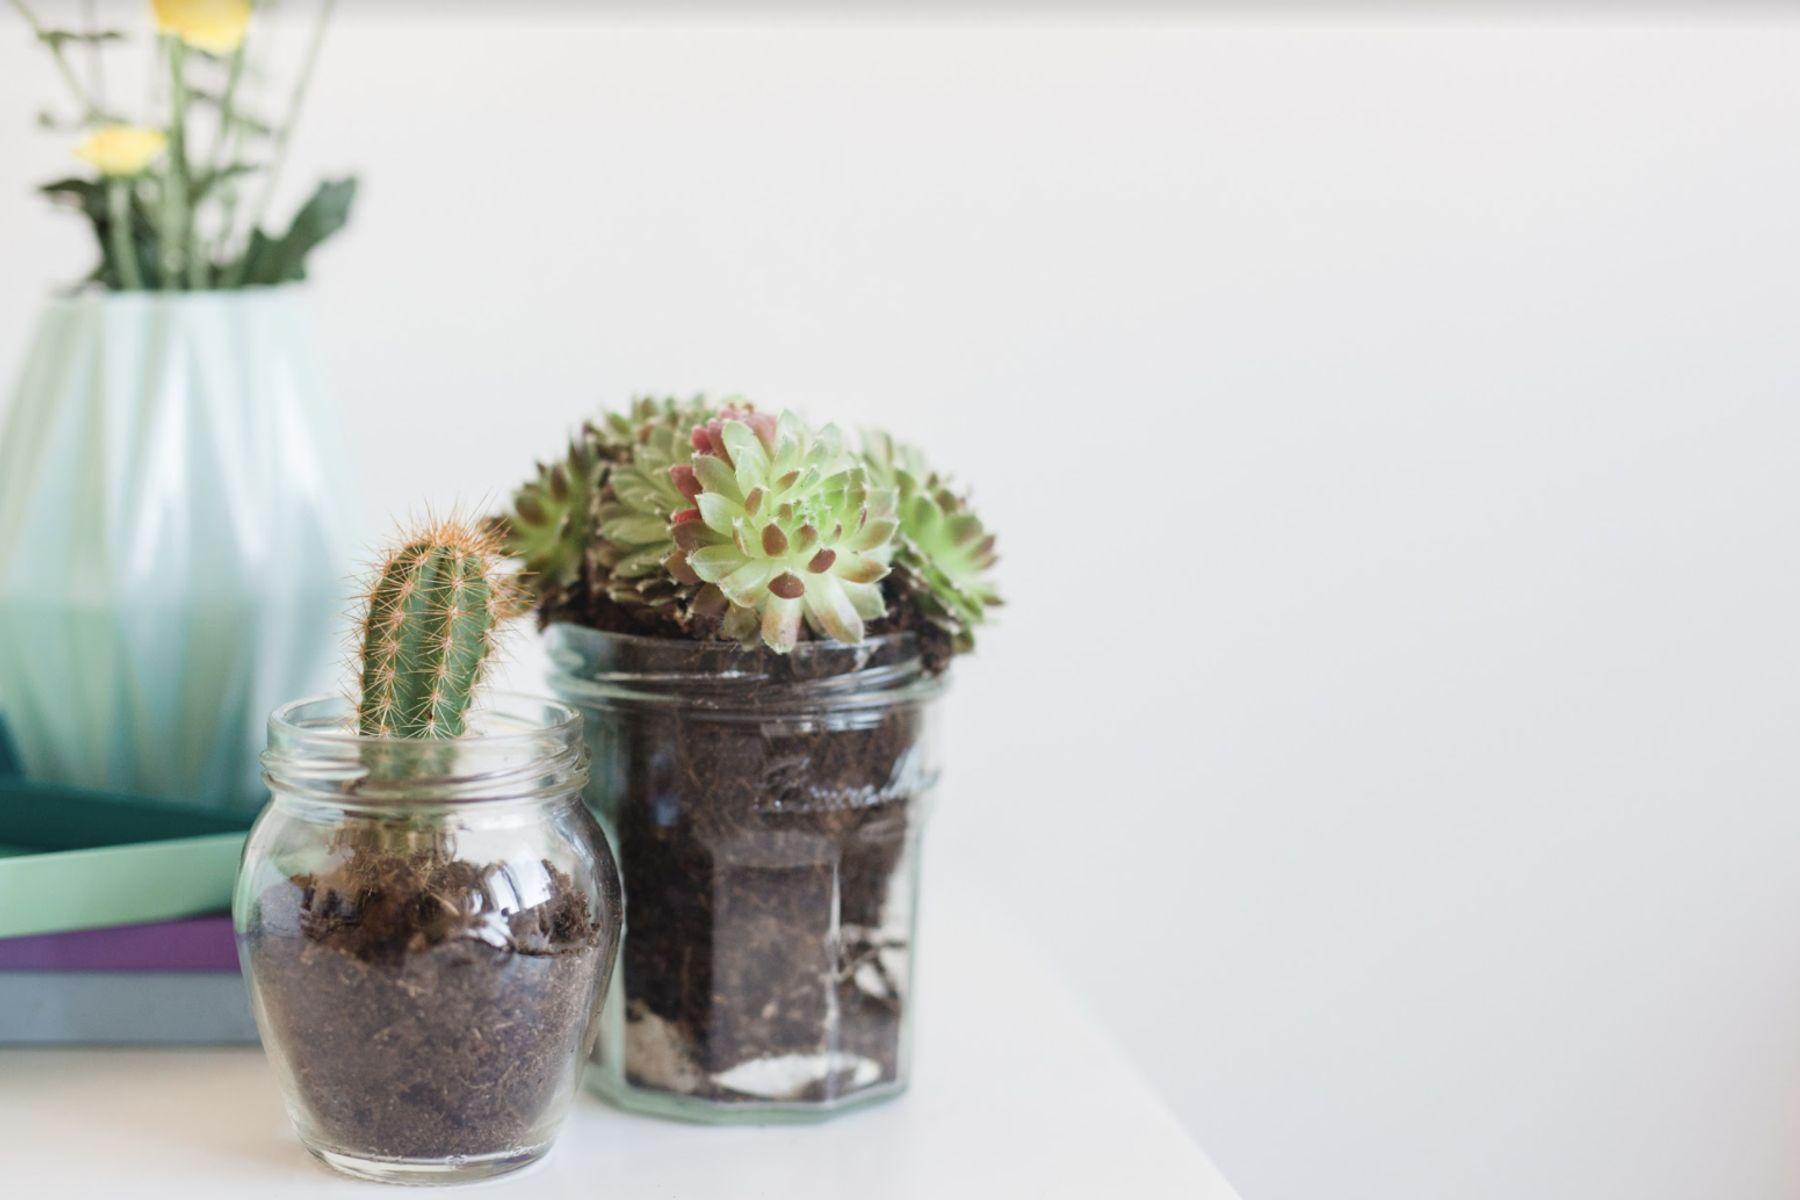 Cómo cuidar cactus y suculentas correctamente